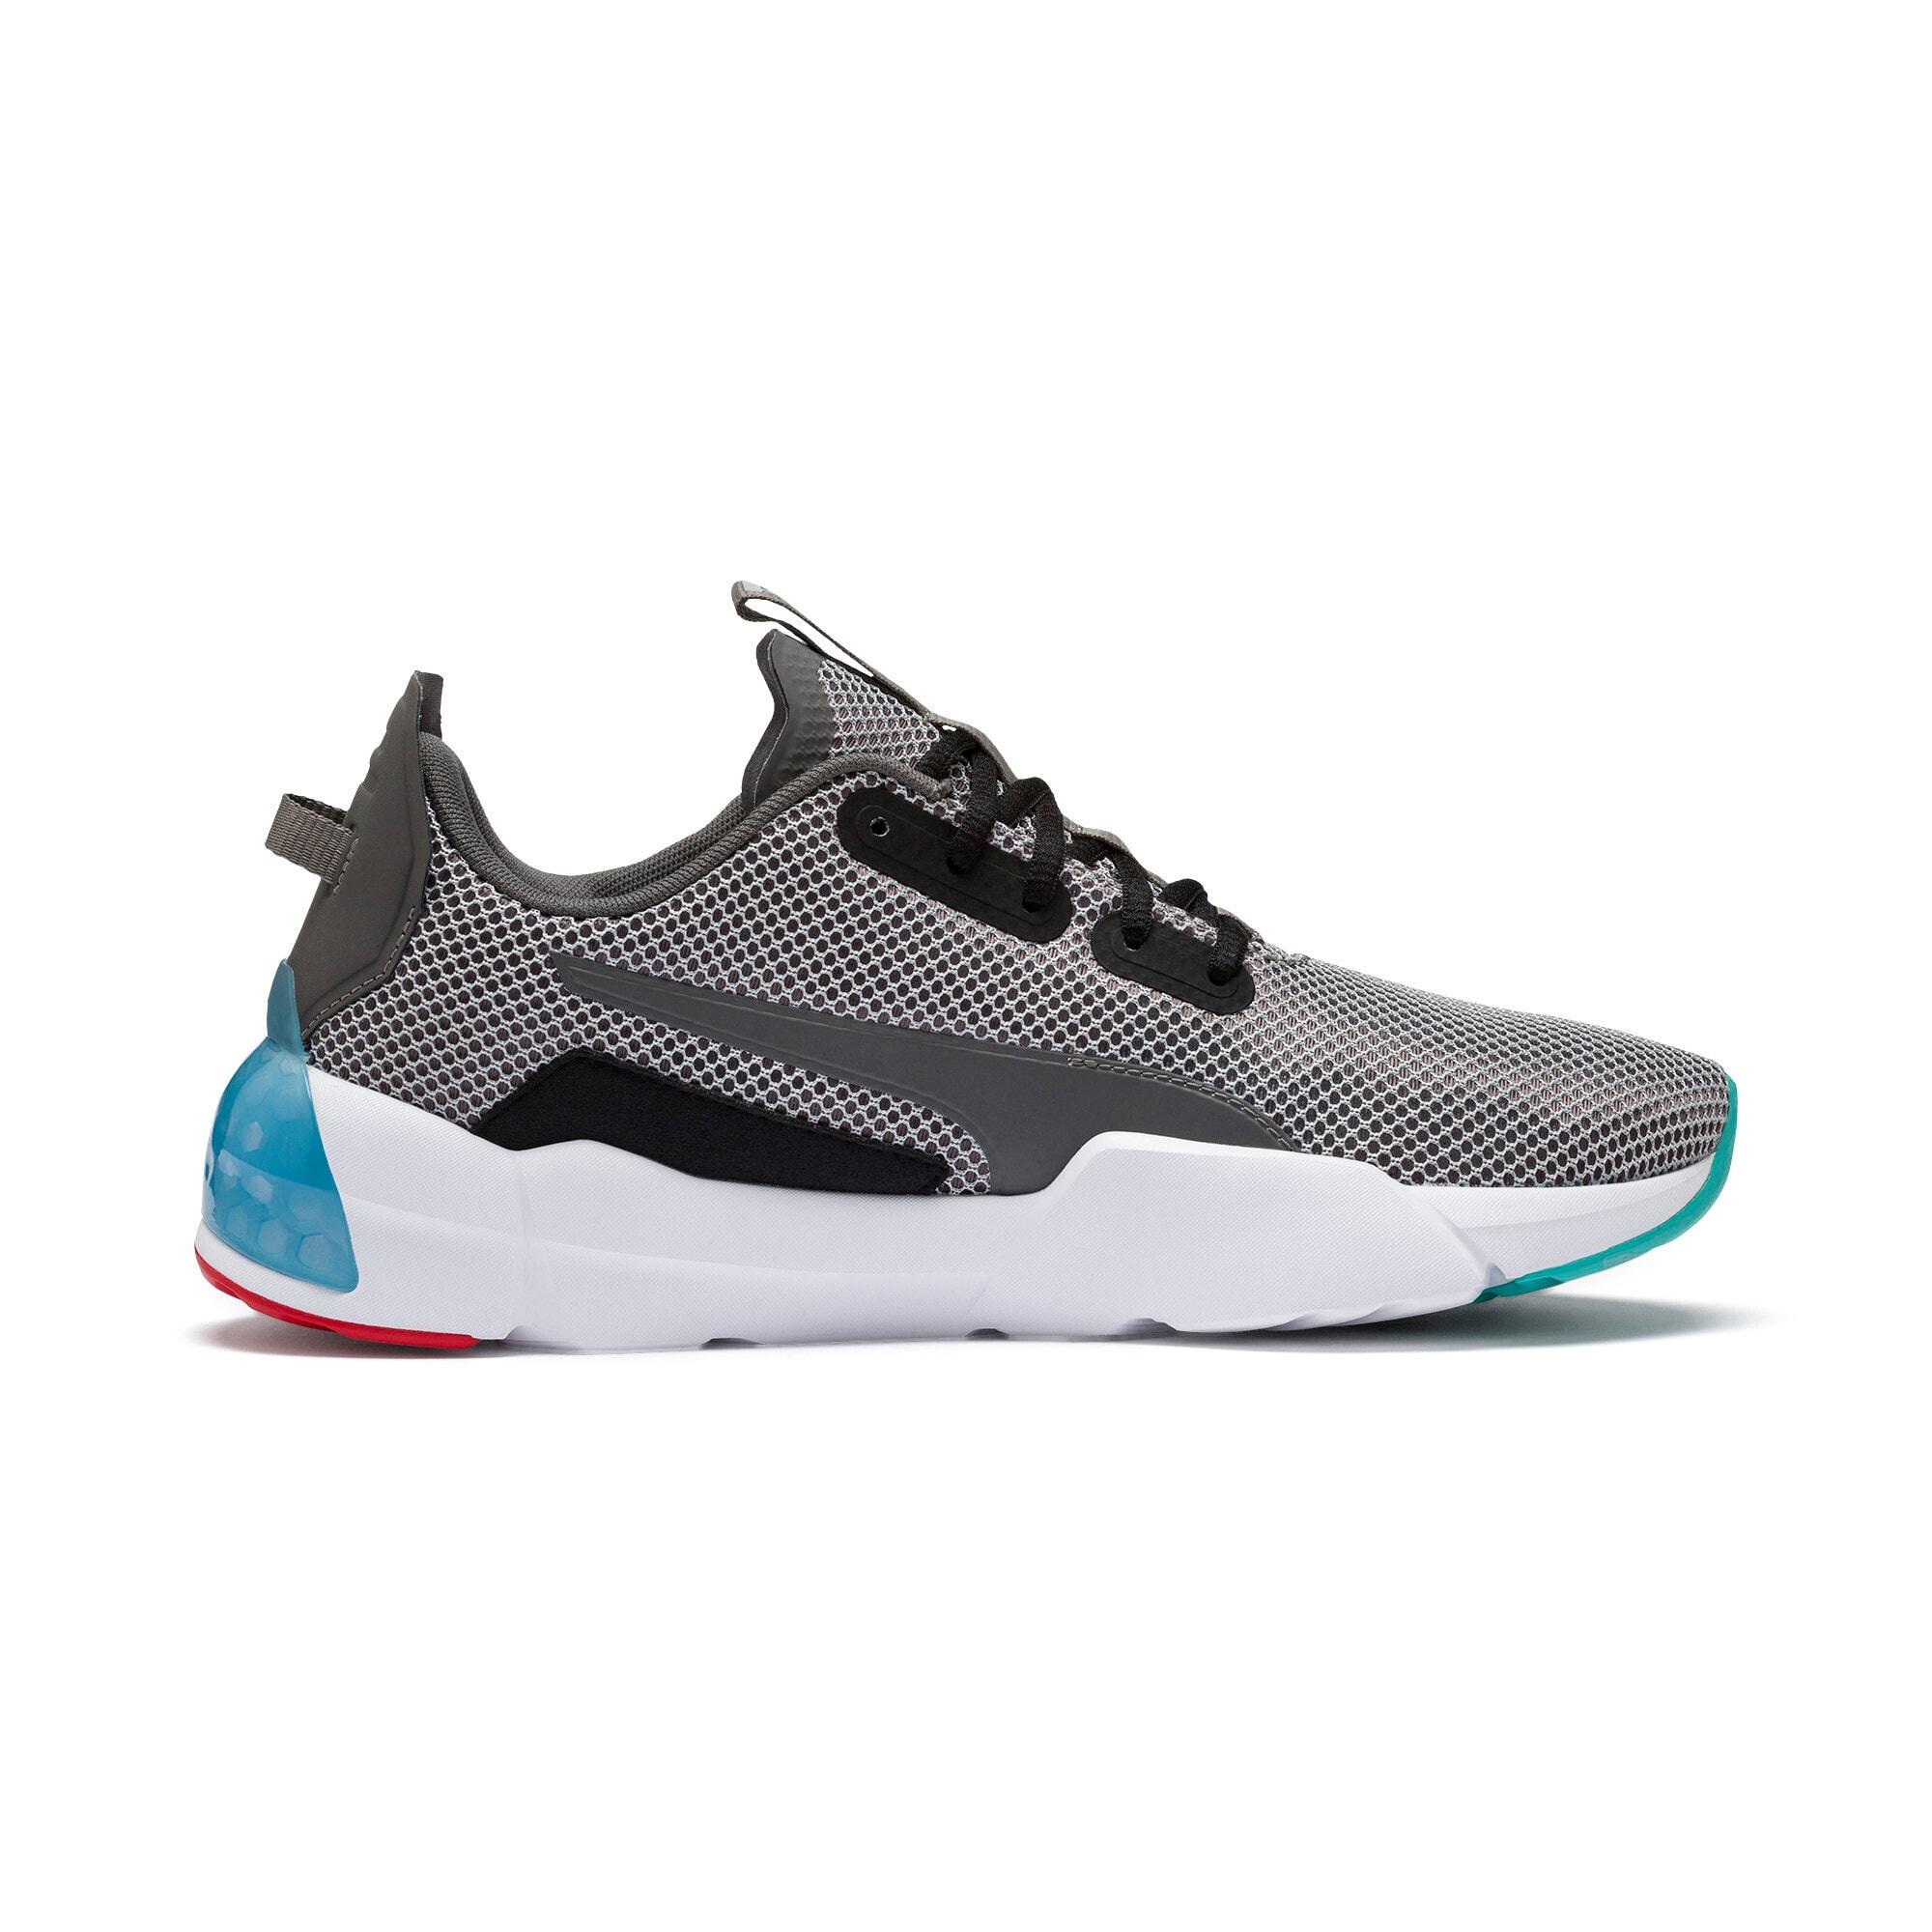 Thumbnail 6 of CELL Phase Men's Training Shoes, CASTLEROCK-White-HighRiskRed, medium